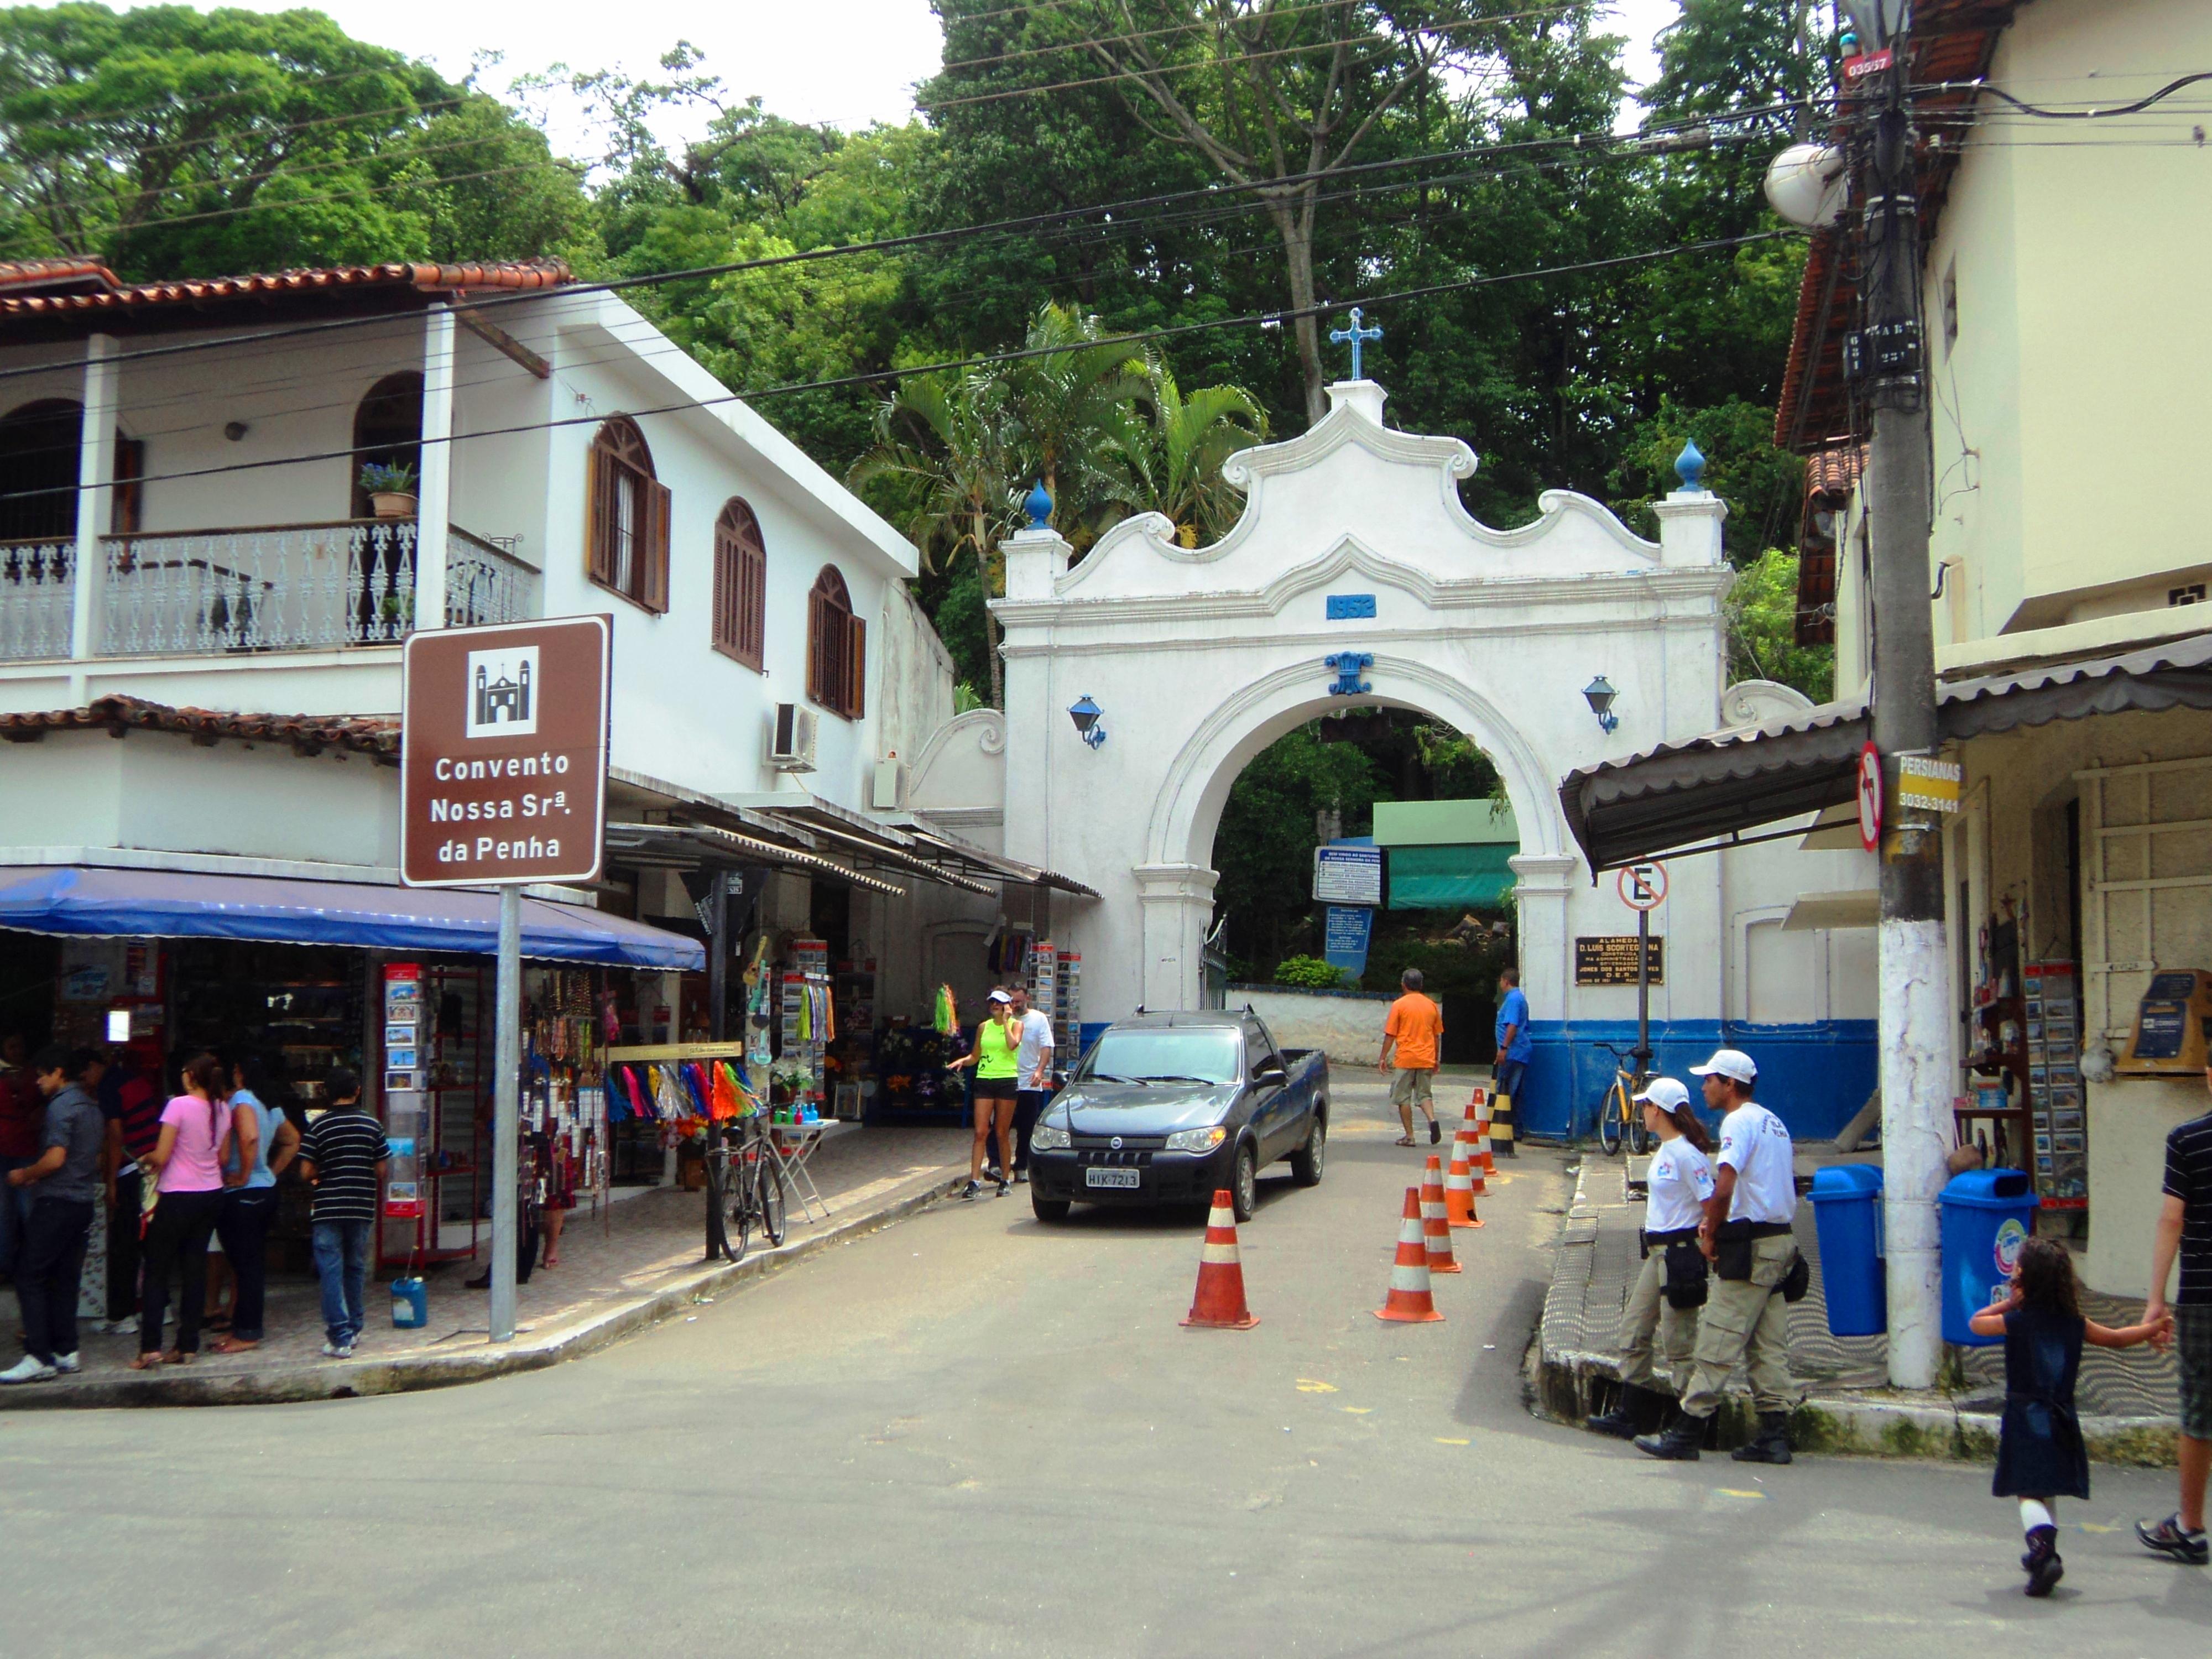 Fotos antigas do convento da penha vila velha es